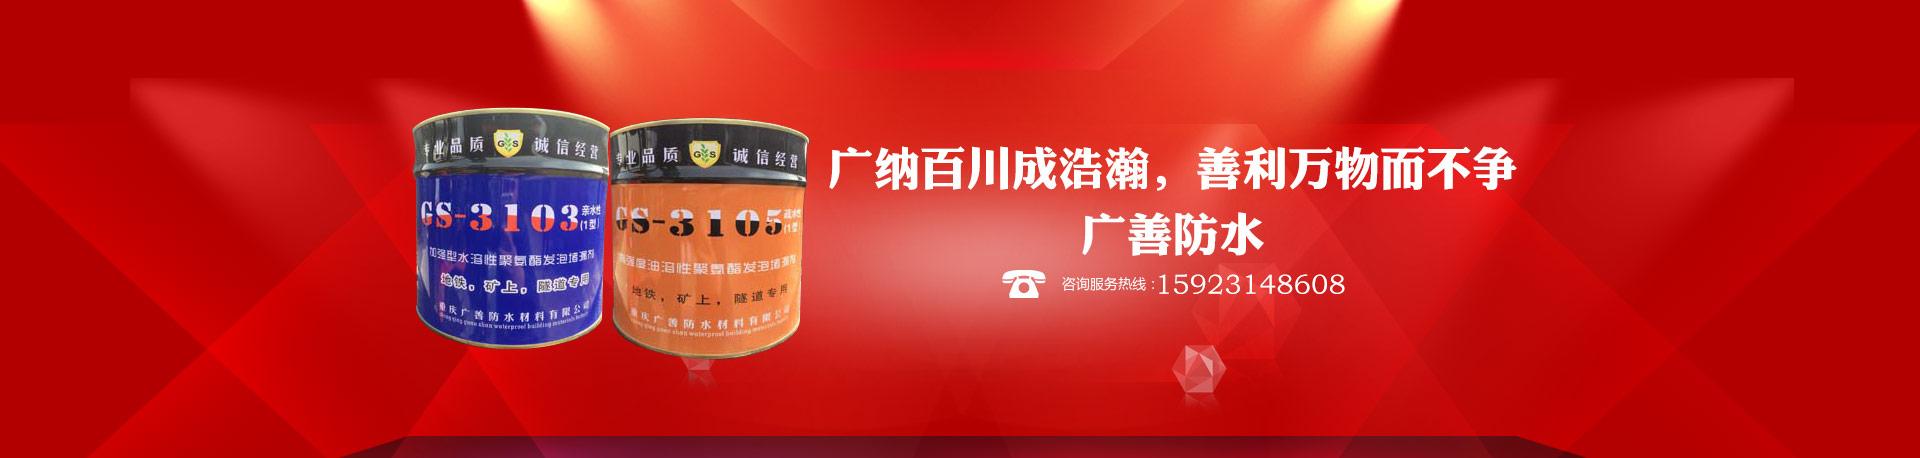 重庆化学灌浆材料